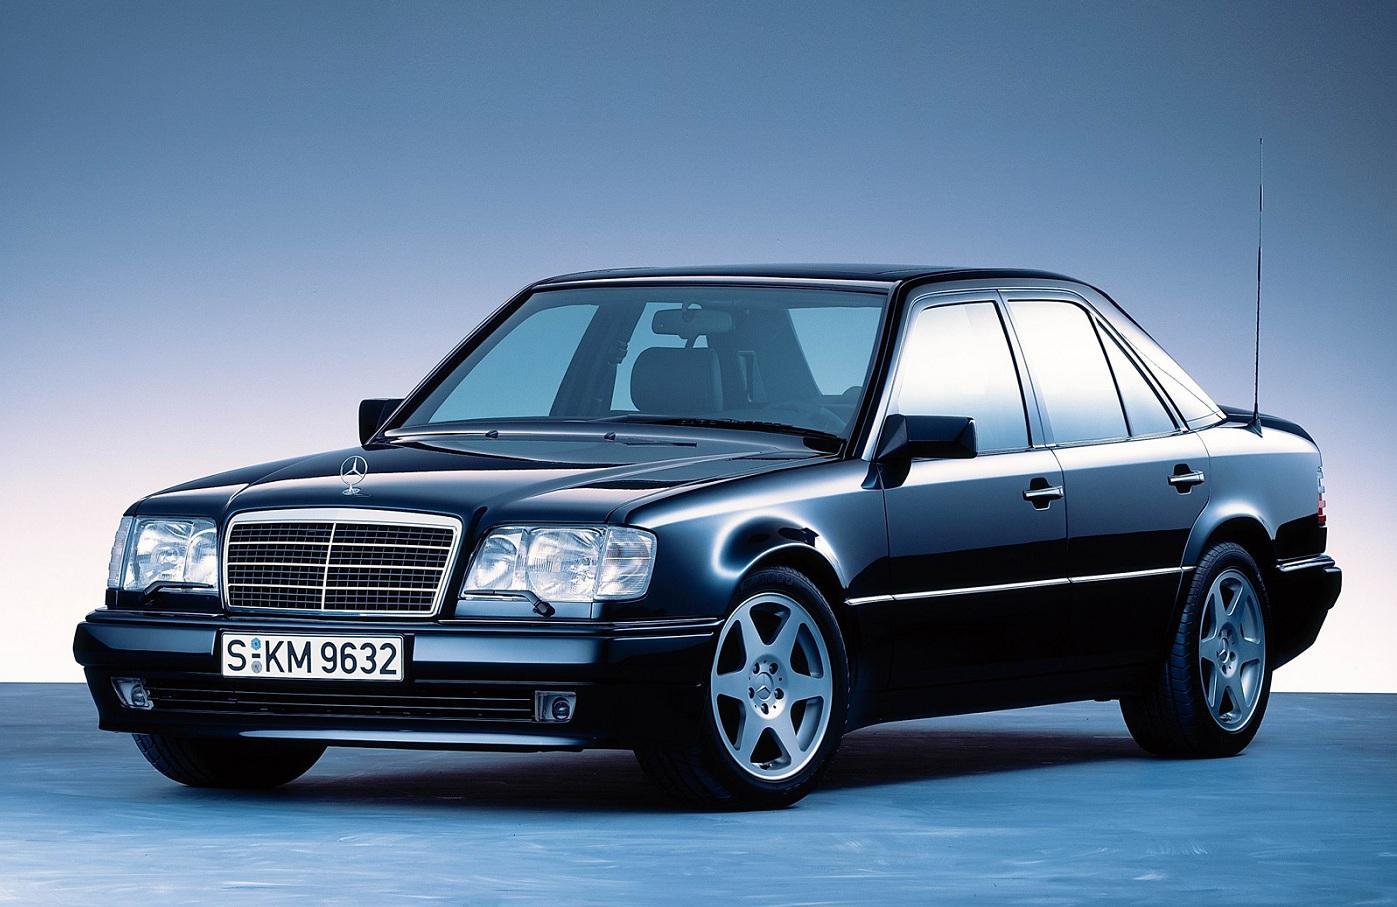 Vladelczam staryh mashin Mercedes zaplatyat po 3 000 evro